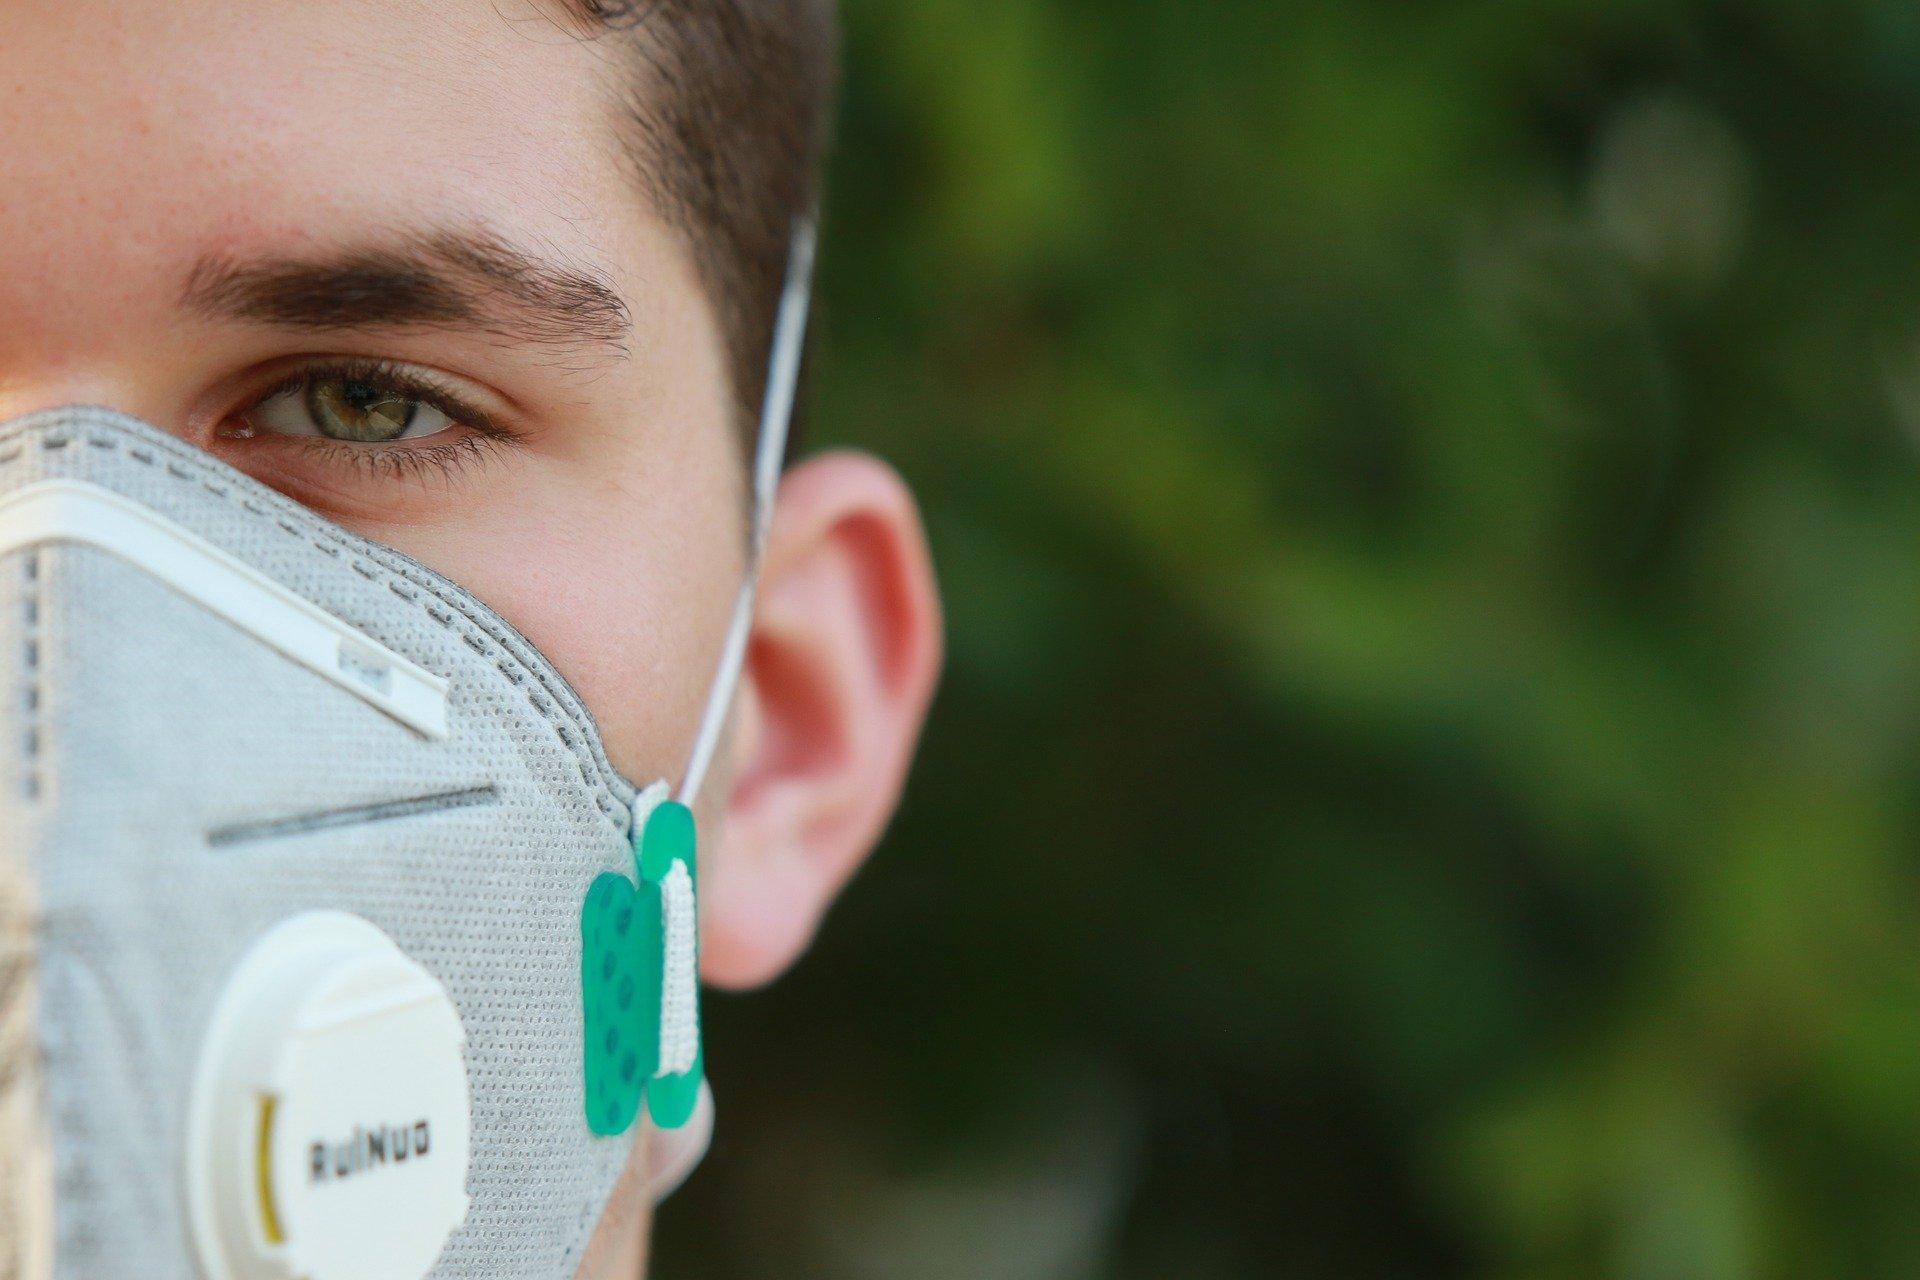 Учёные назвали категории пациентов, которые наиболее уязвимы перед CoViD-19